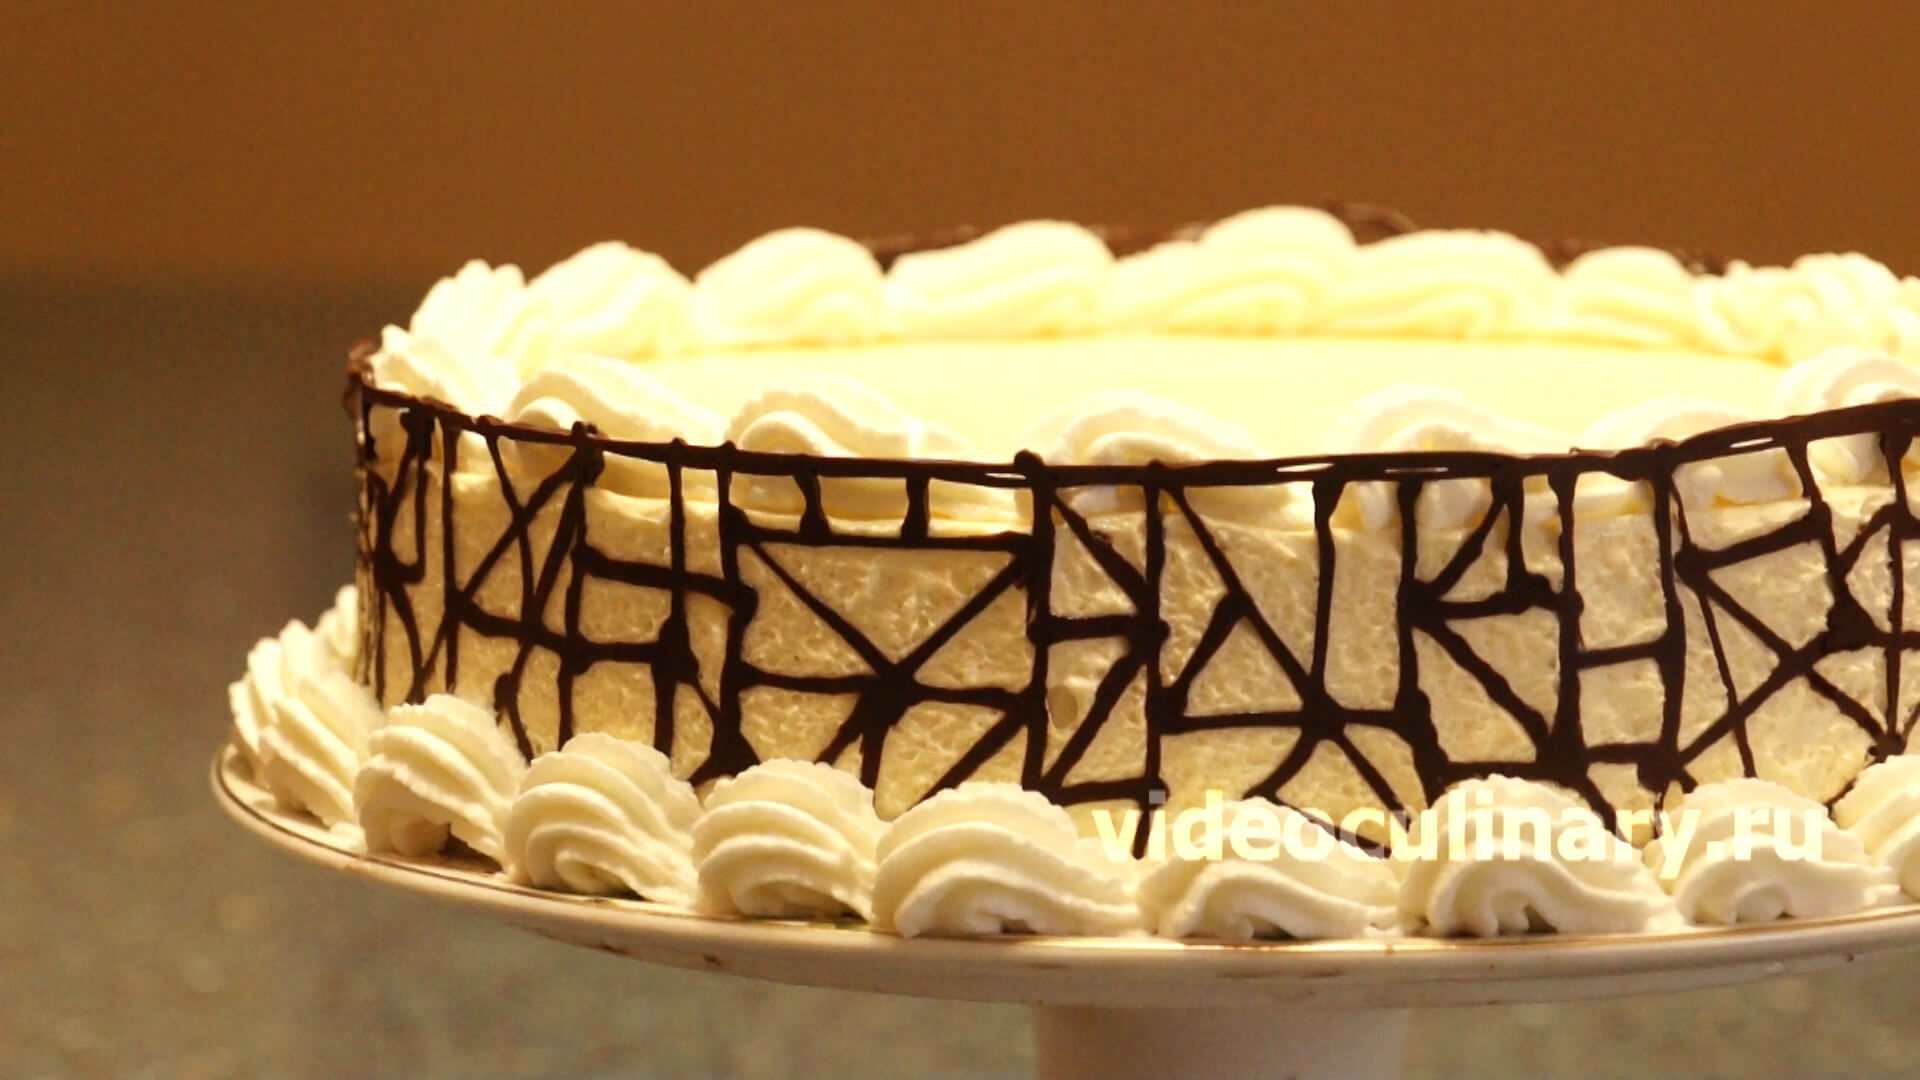 Как сделать украшение для торта из шоколада видео